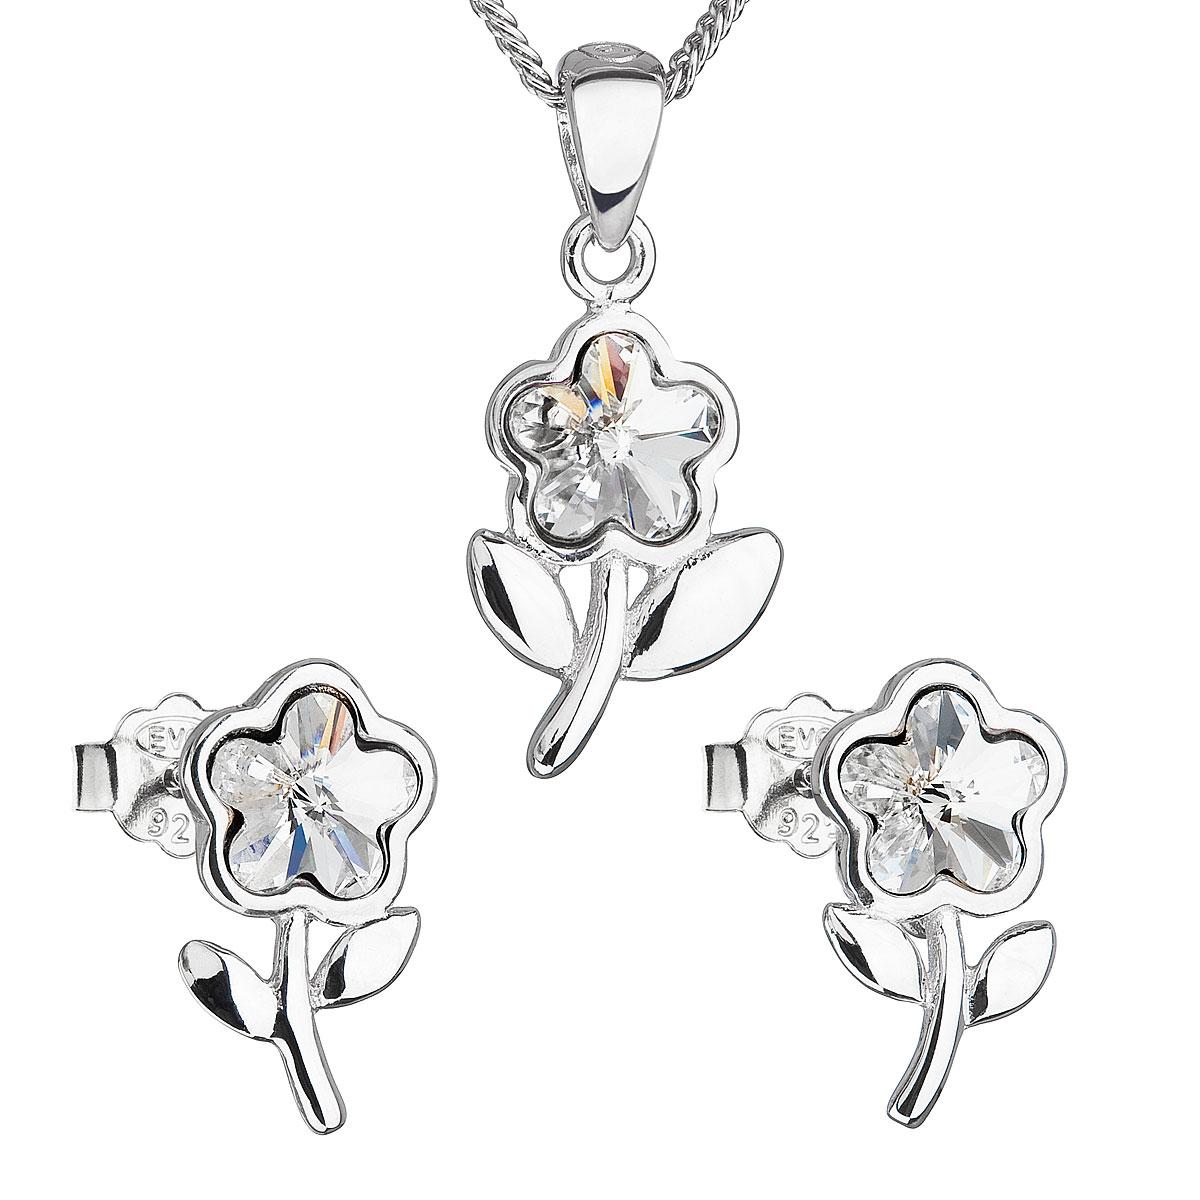 Sada šperkov s krištálmi Swarovski náušnice,retiazka a prívesok biela kytička 39172.1